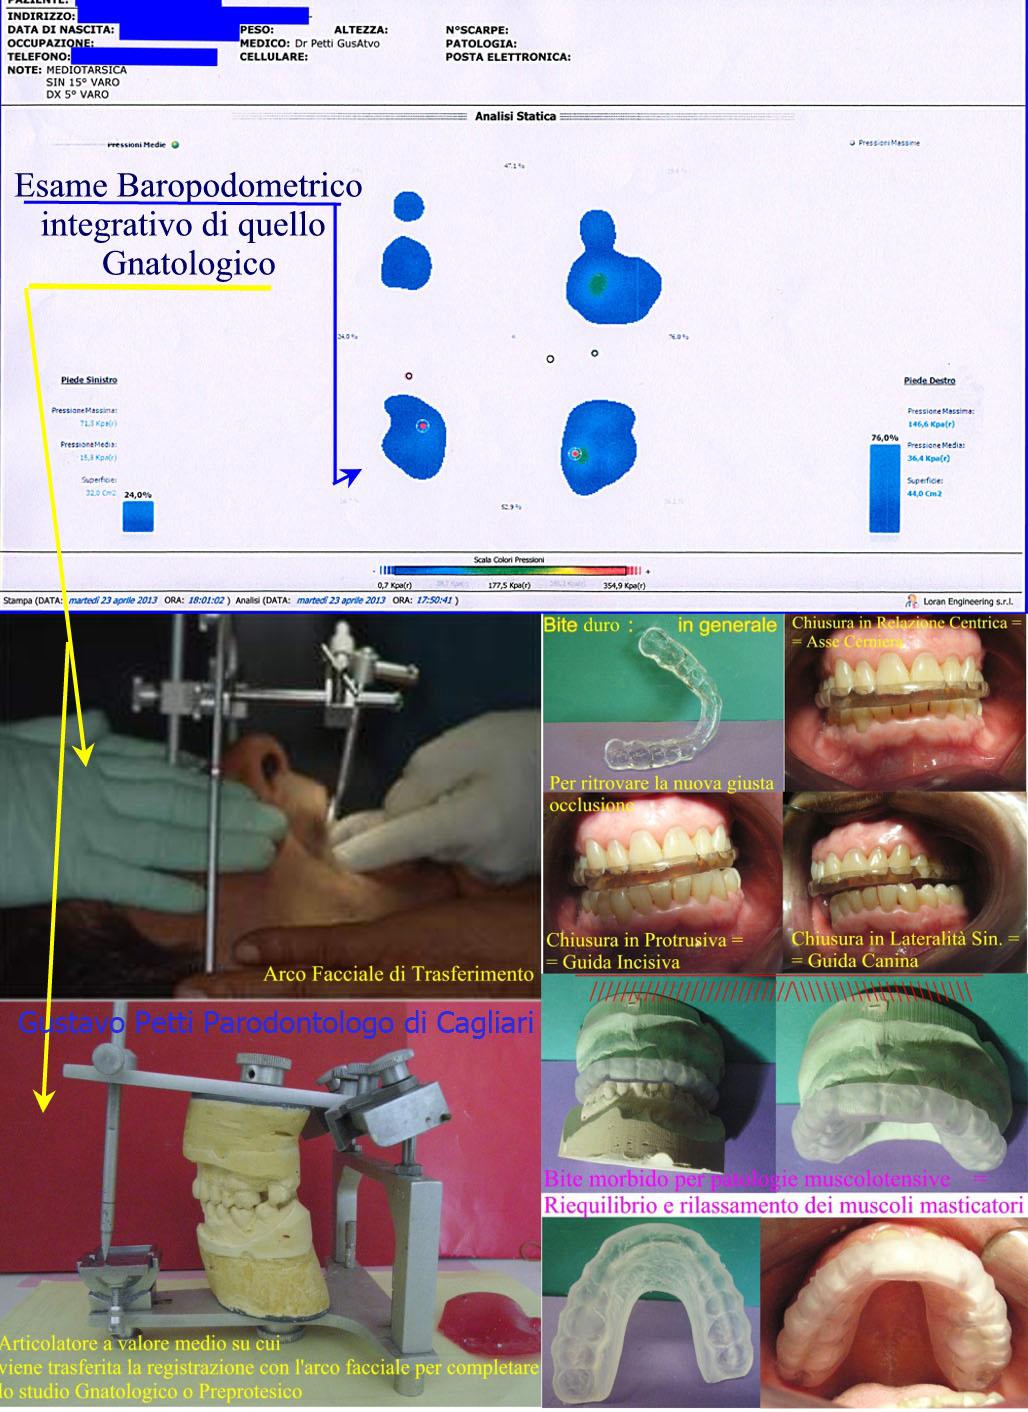 gnatologia-dr-g.petti-cagliari-7.jpg